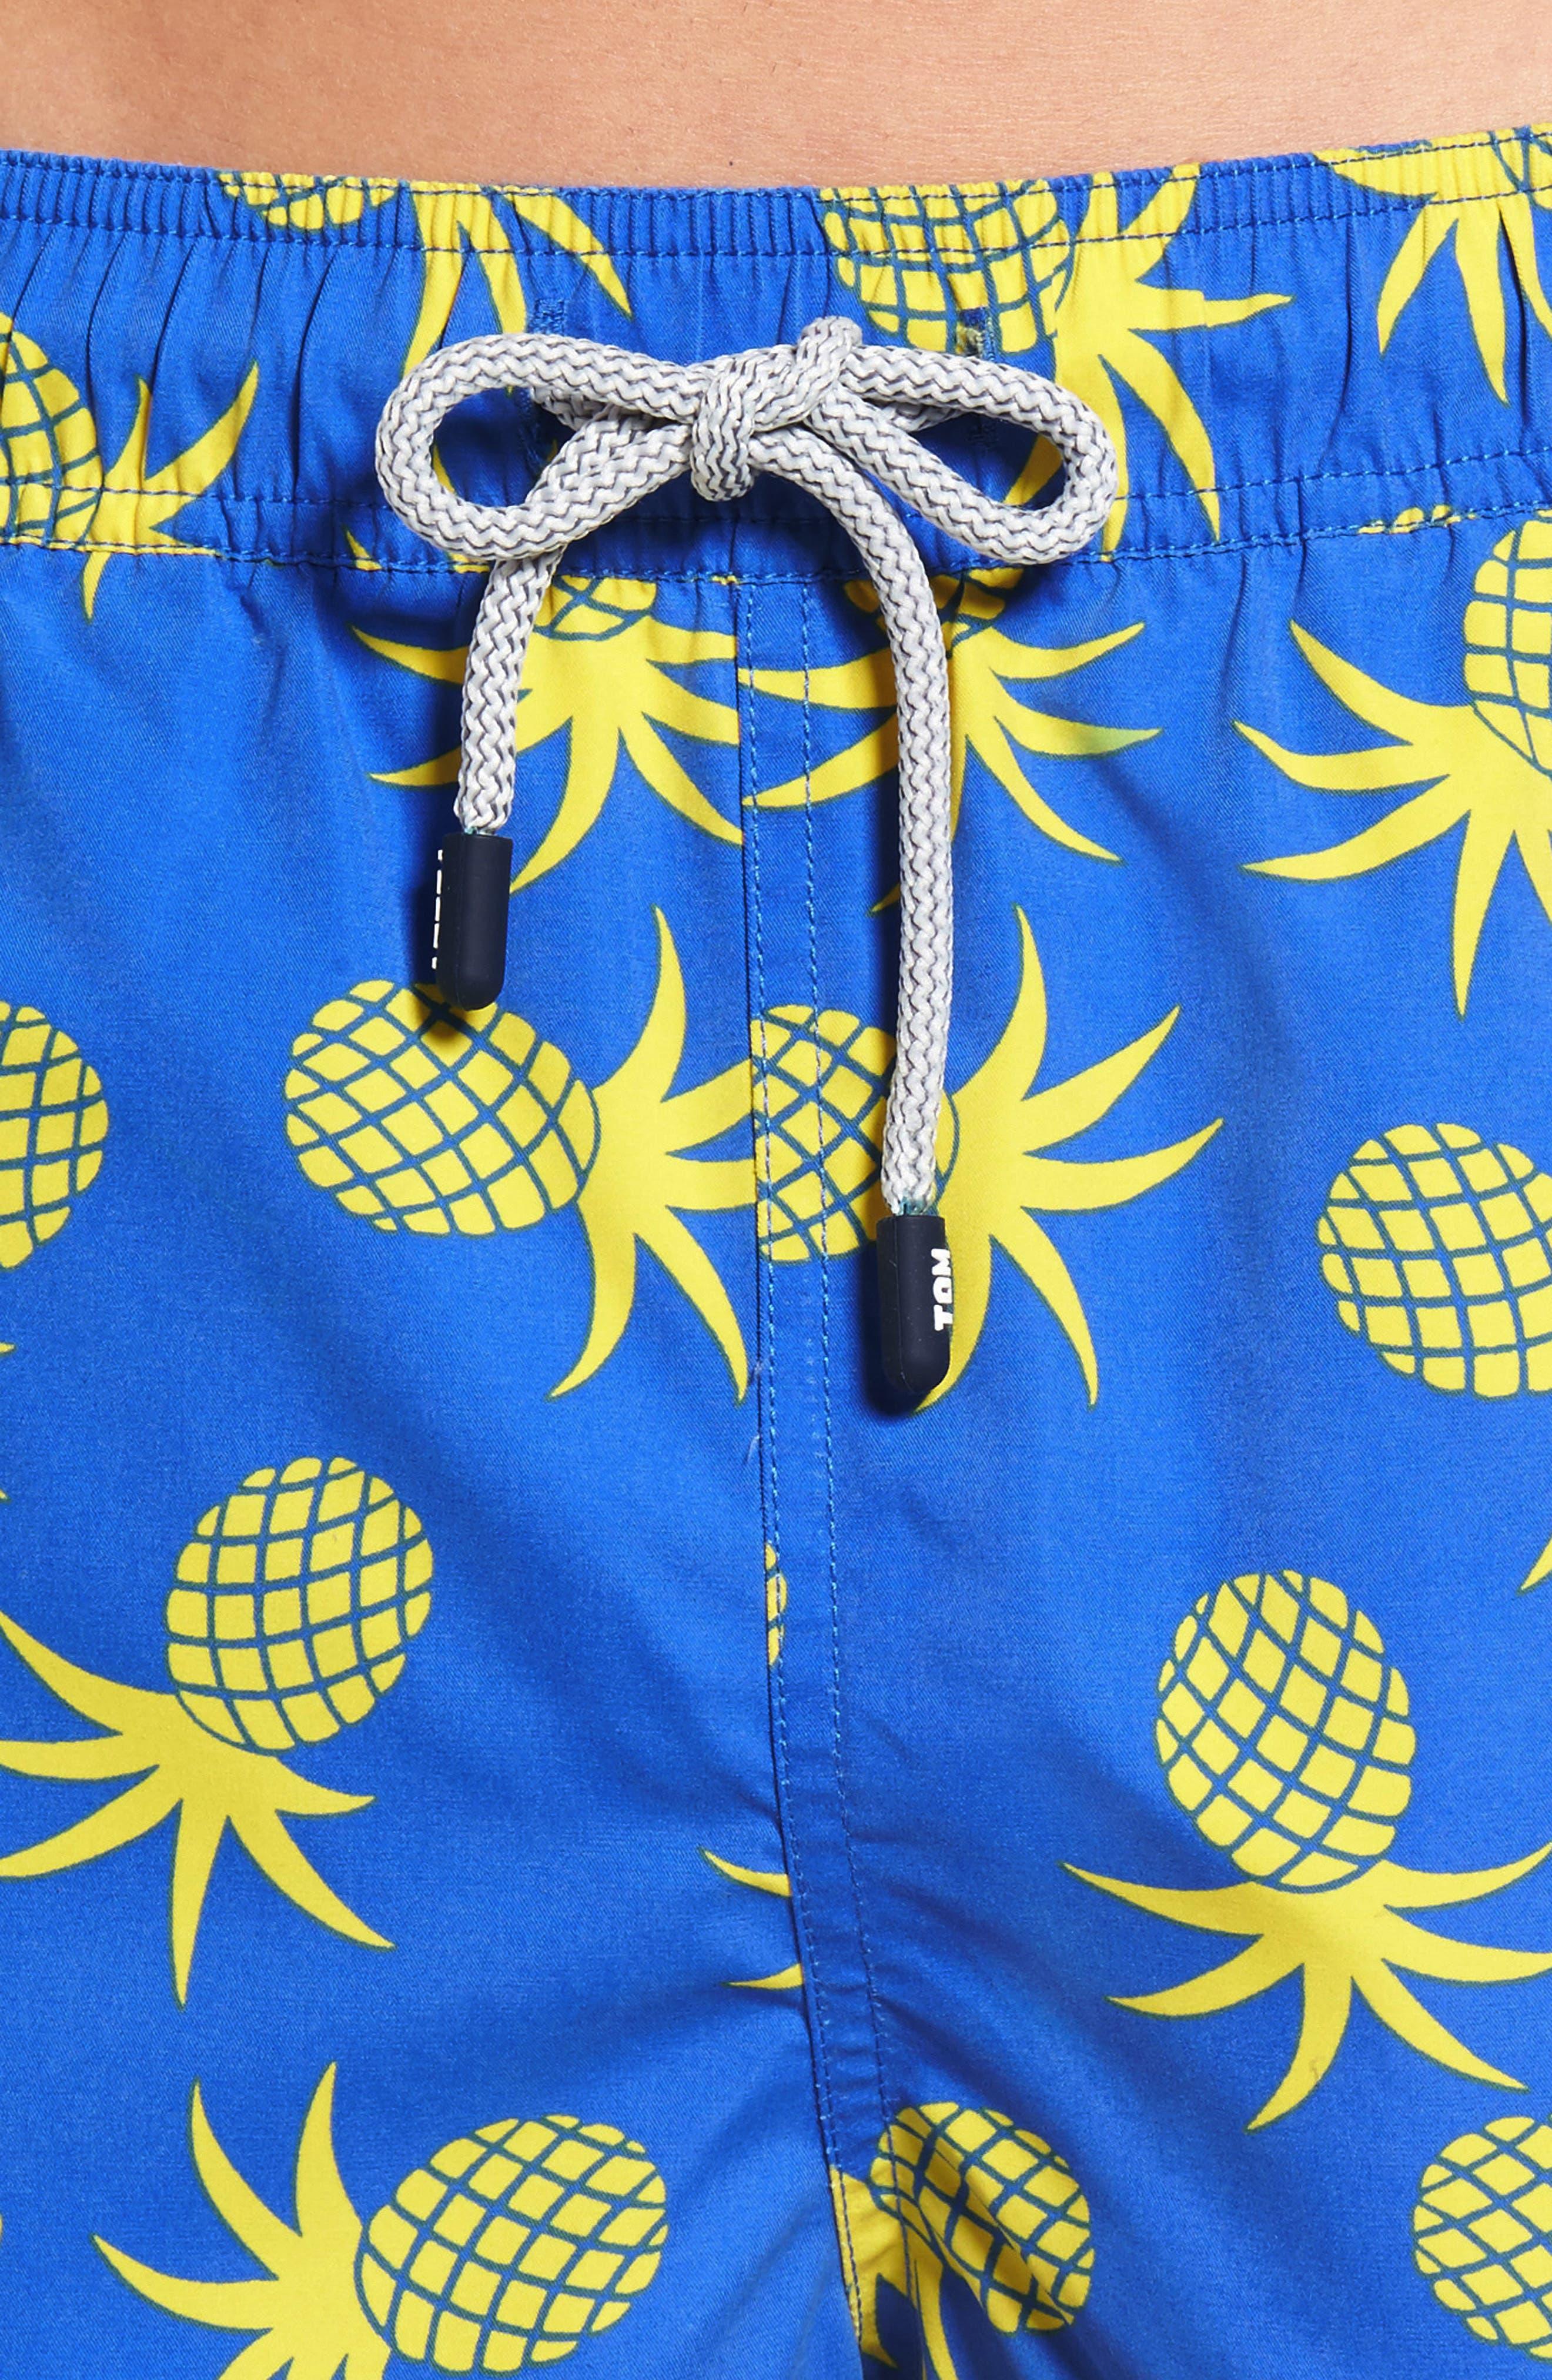 Pineapple Swim Trunks,                             Alternate thumbnail 4, color,                             430